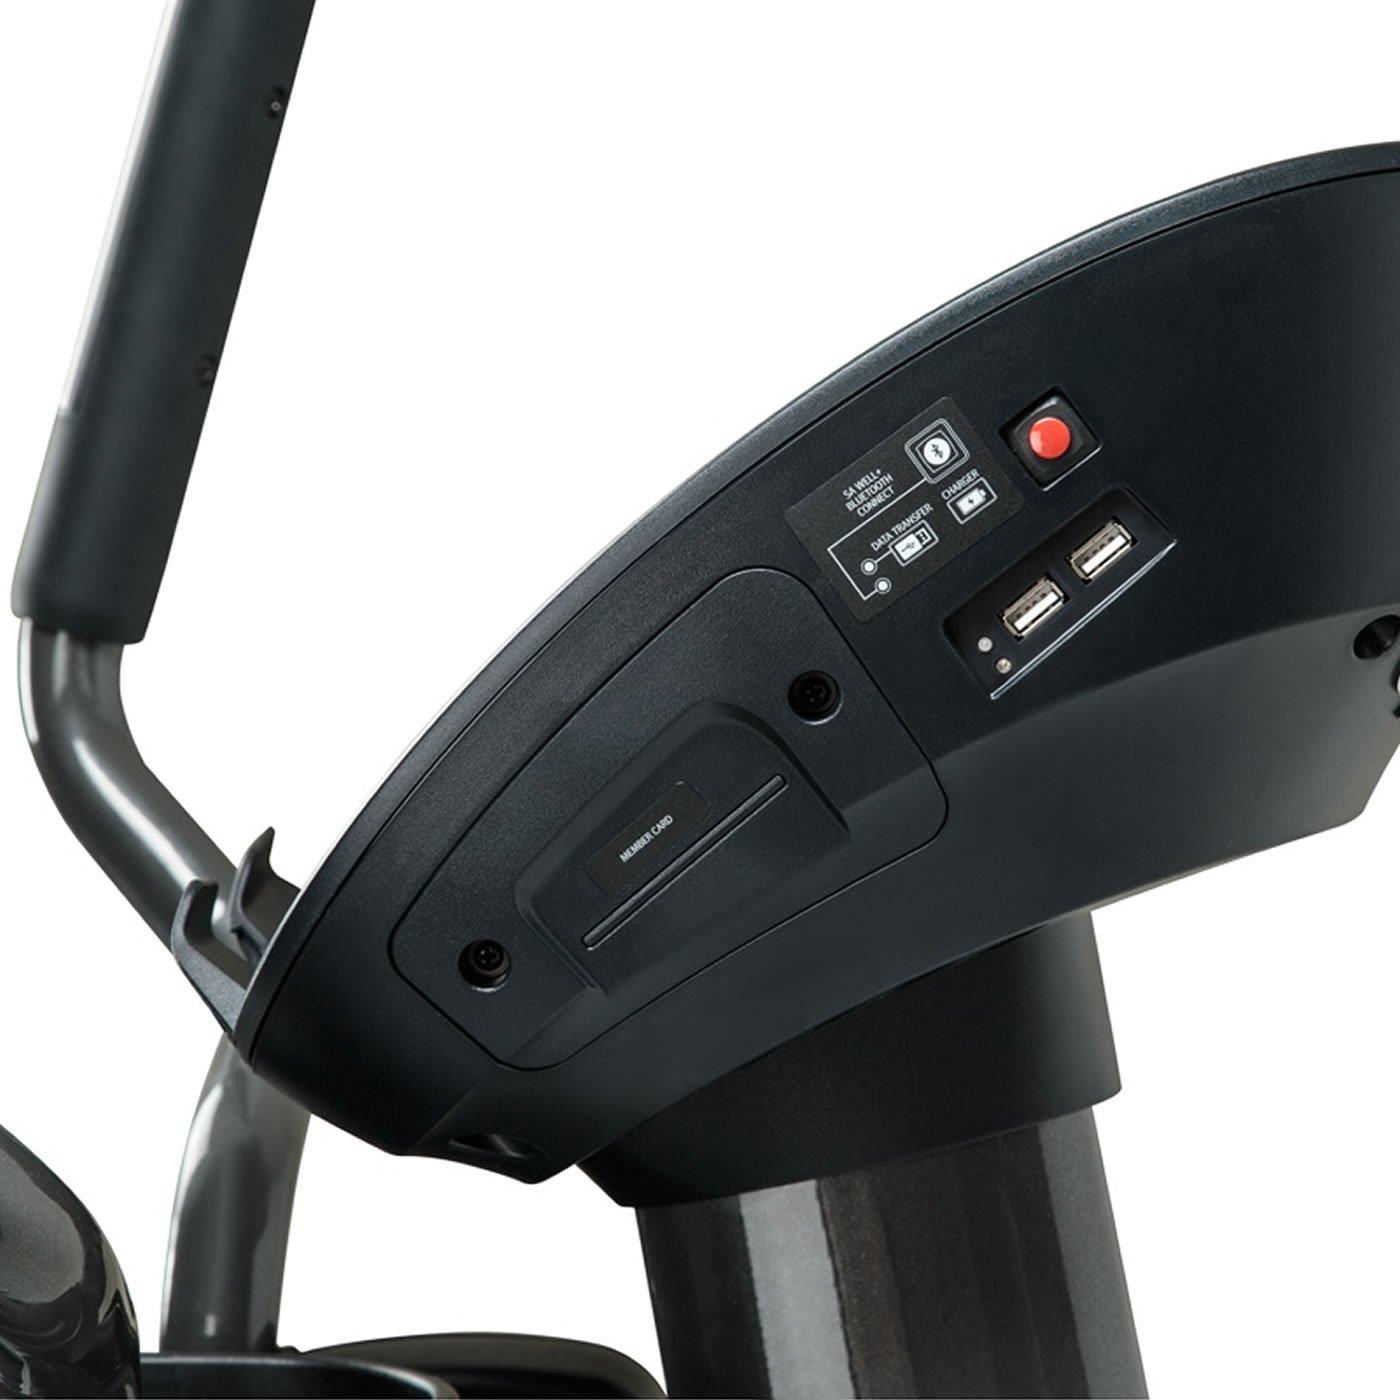 sportsart rendimiento E845S máquina elíptica Crosstrainer ejercicio Fitness gimnasio: Amazon.es: Deportes y aire libre